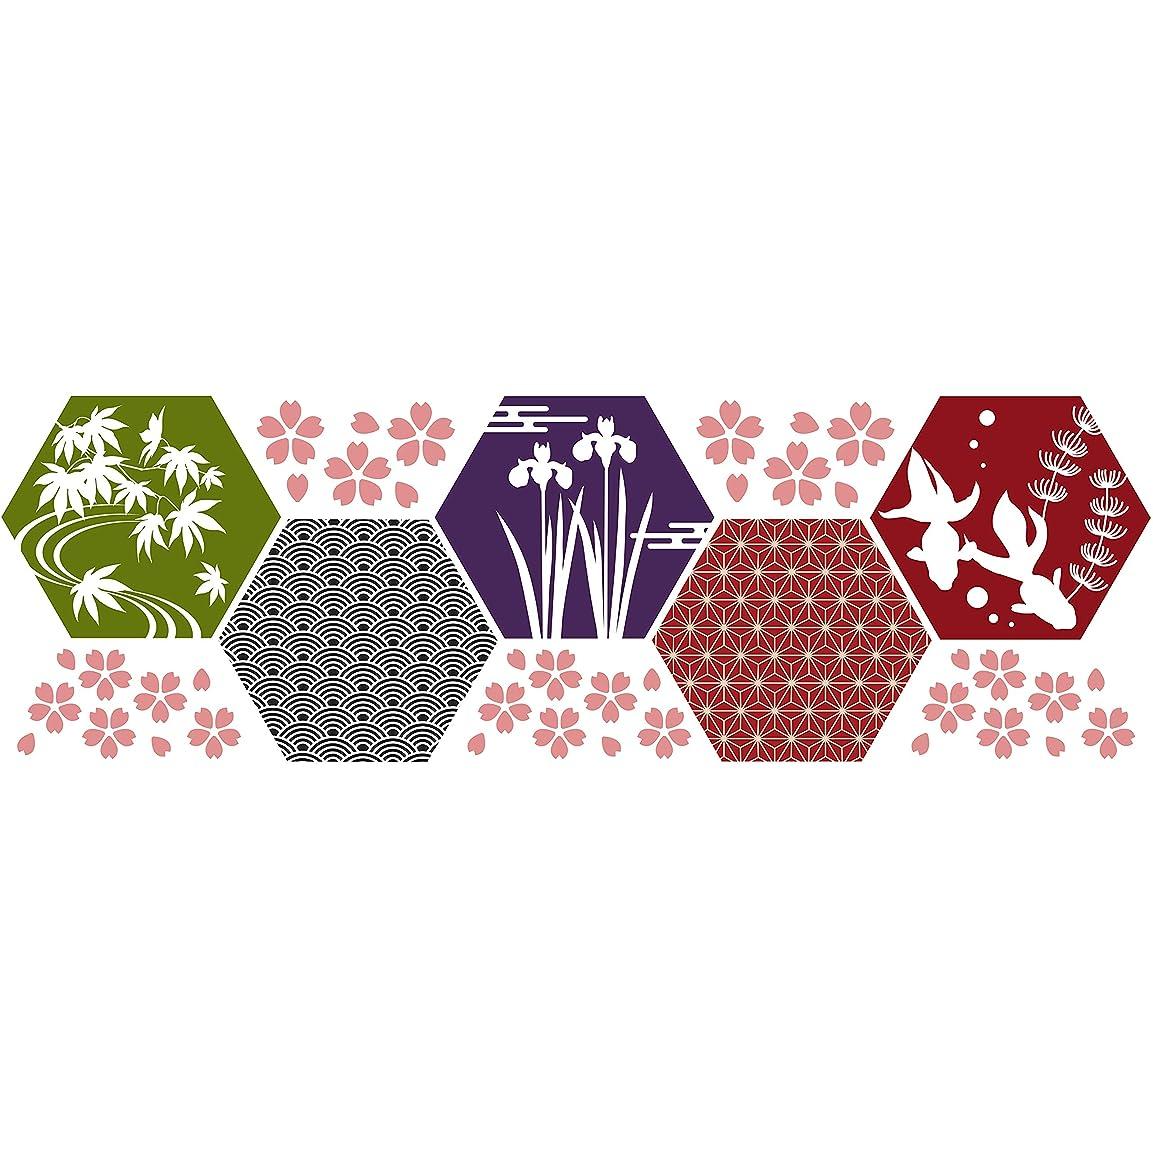 可決アナログティッシュ転写 大判 ウォールステッカー 「和柄六角形」 おしゃれ 桜 和柄 和風 和室 金魚 シール インテリア 日本製